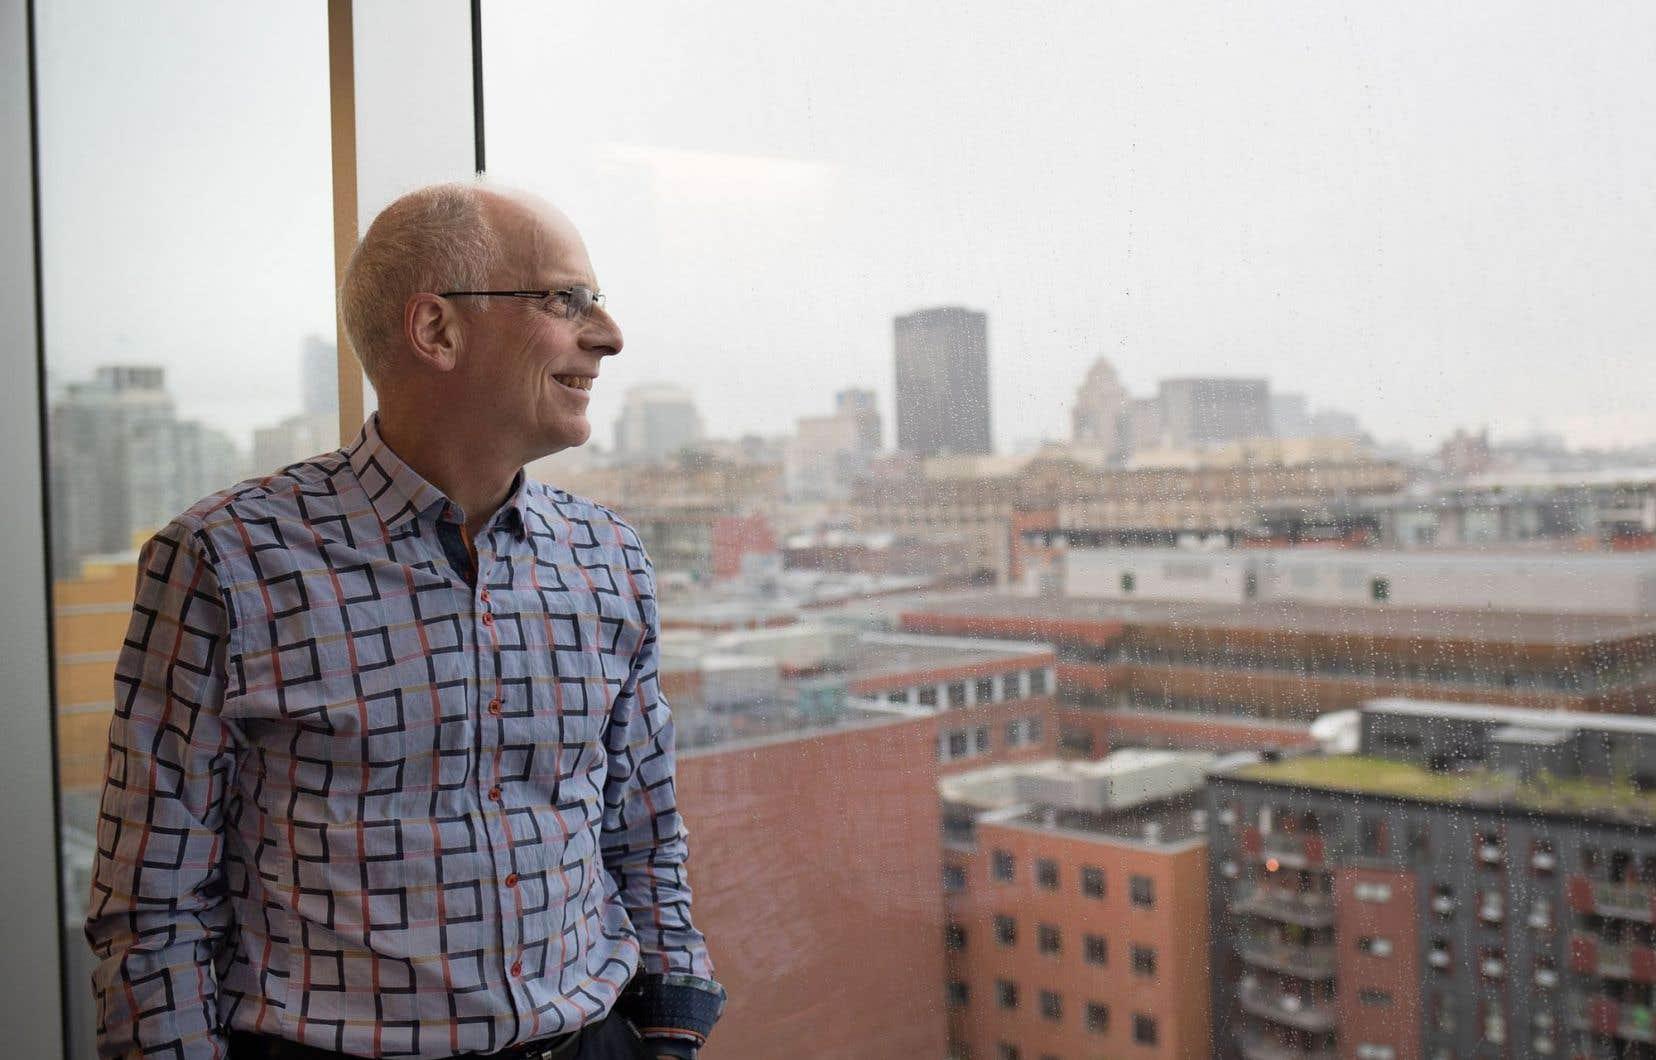 Pour Daniel Bissonnette, directeur du Bureau du cinéma et de la télévision de Montréal, un tournage, c'est l'encadrement d'«un projet privé sur la place publique».